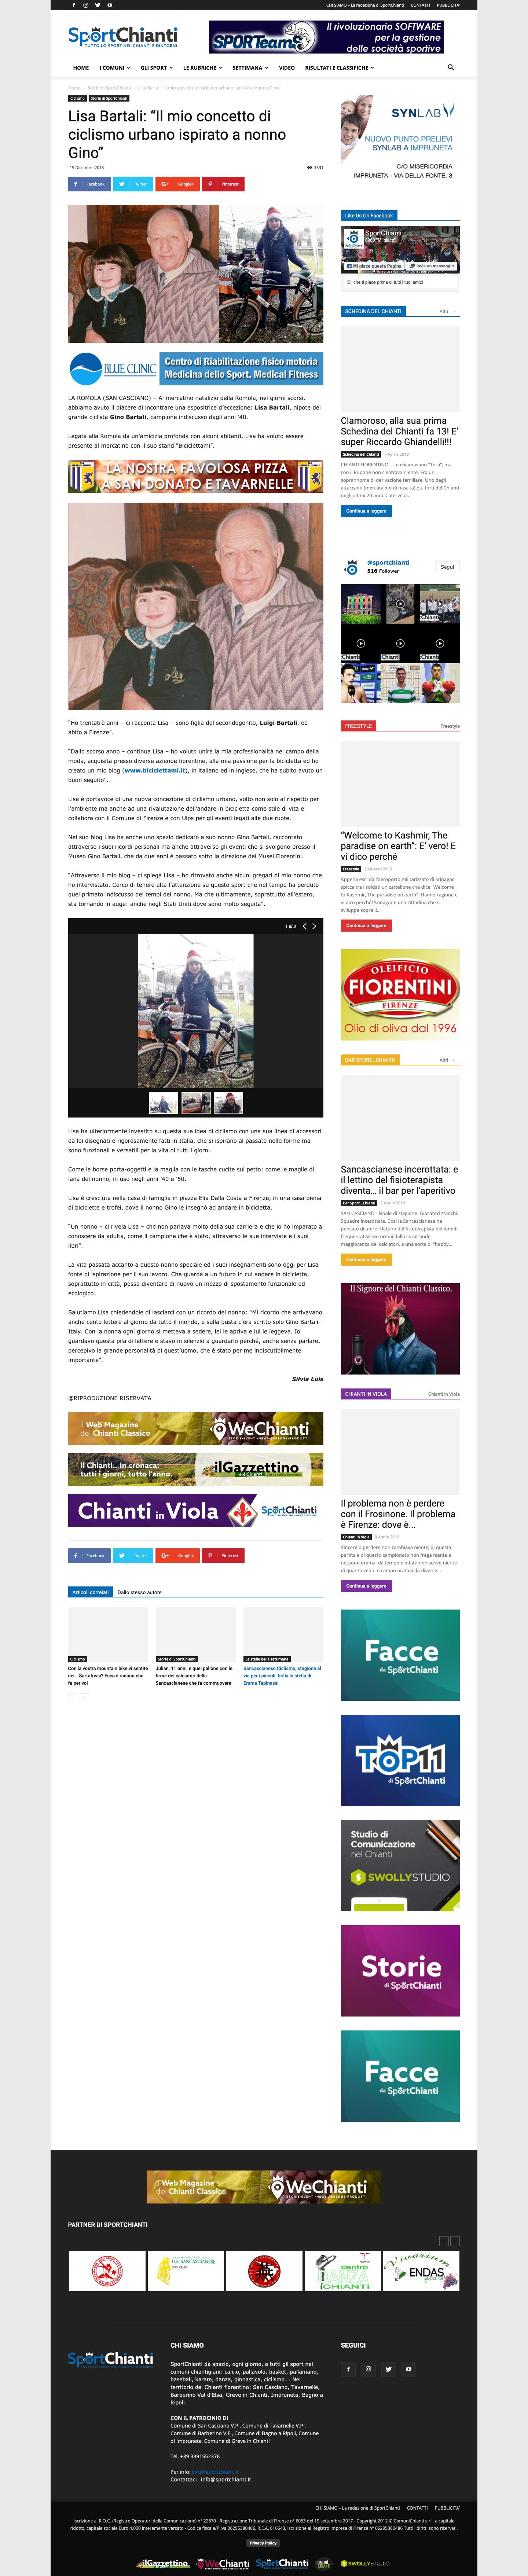 Lisa-Bartali_-_Il-mio-concetto-di-ciclismo-urbano-ispirato-a-nonno-Gino_-SportCh_-www.sportchianti.it-04-2019